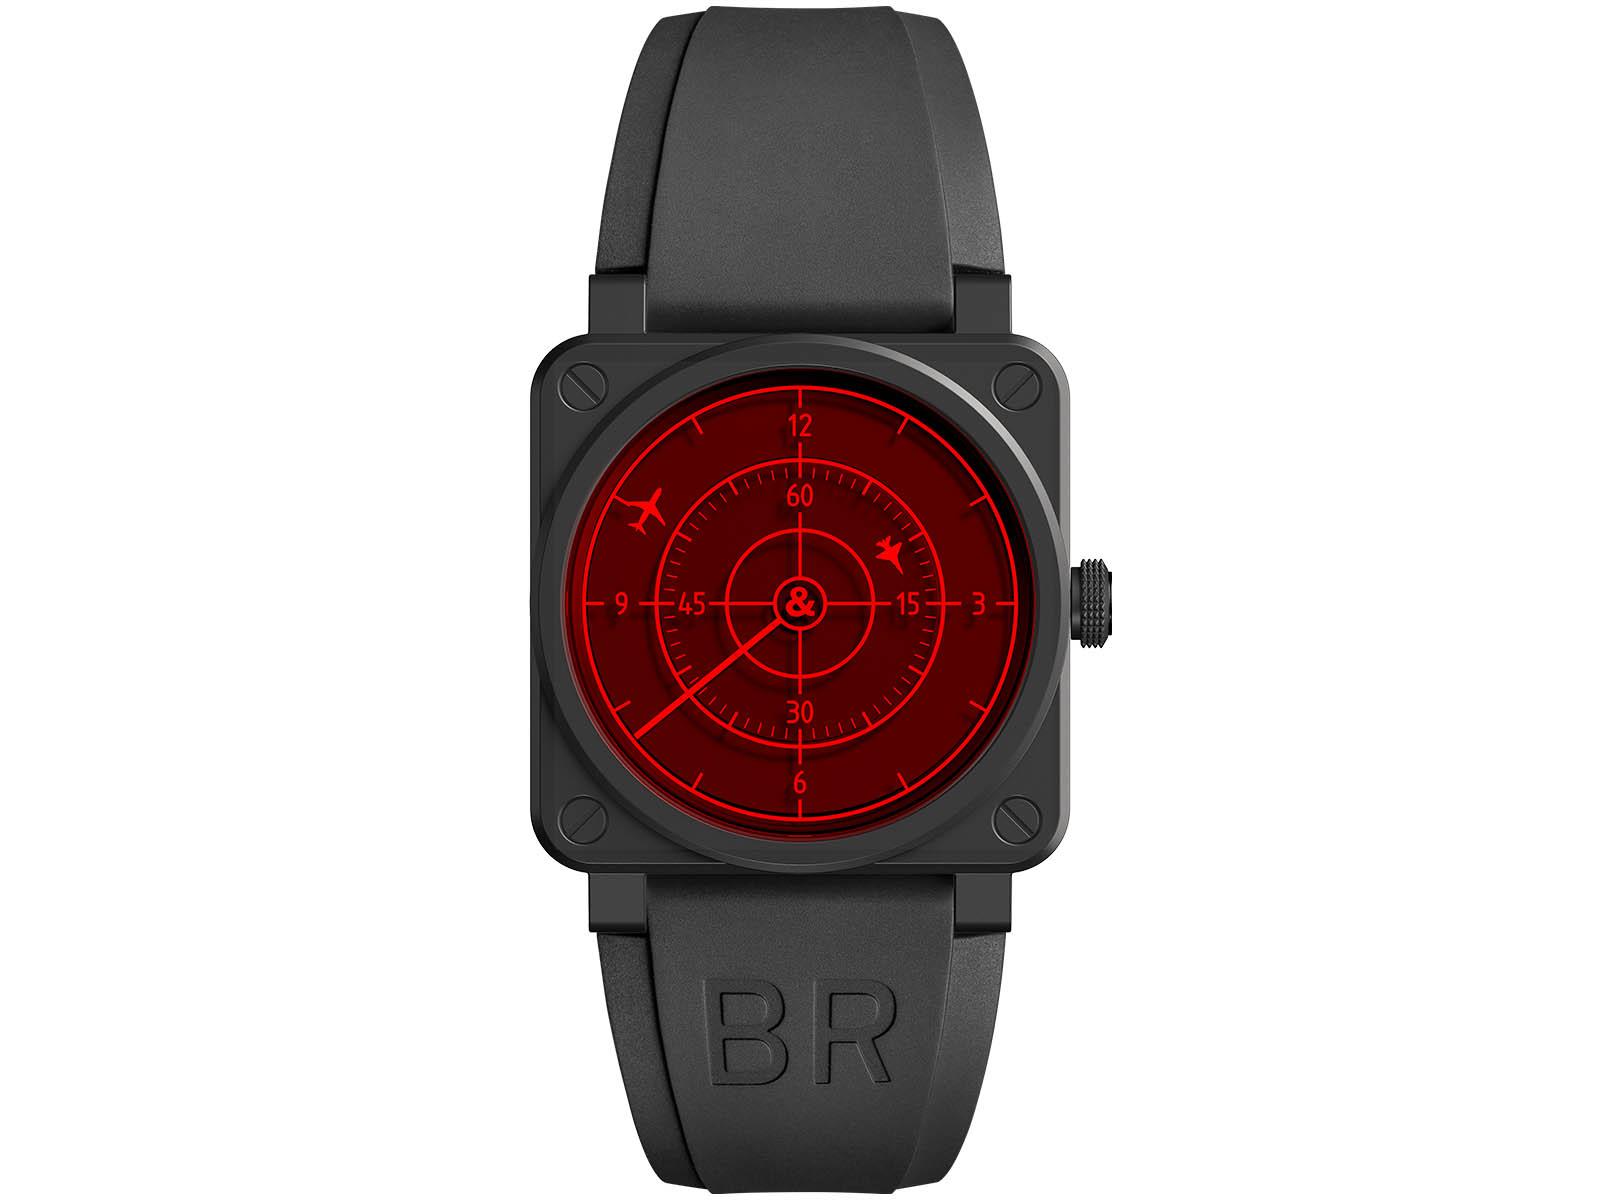 br0392-rrdr-ce-srb-bell-ross-br-03-42-red-radar-ceramic-11.jpg